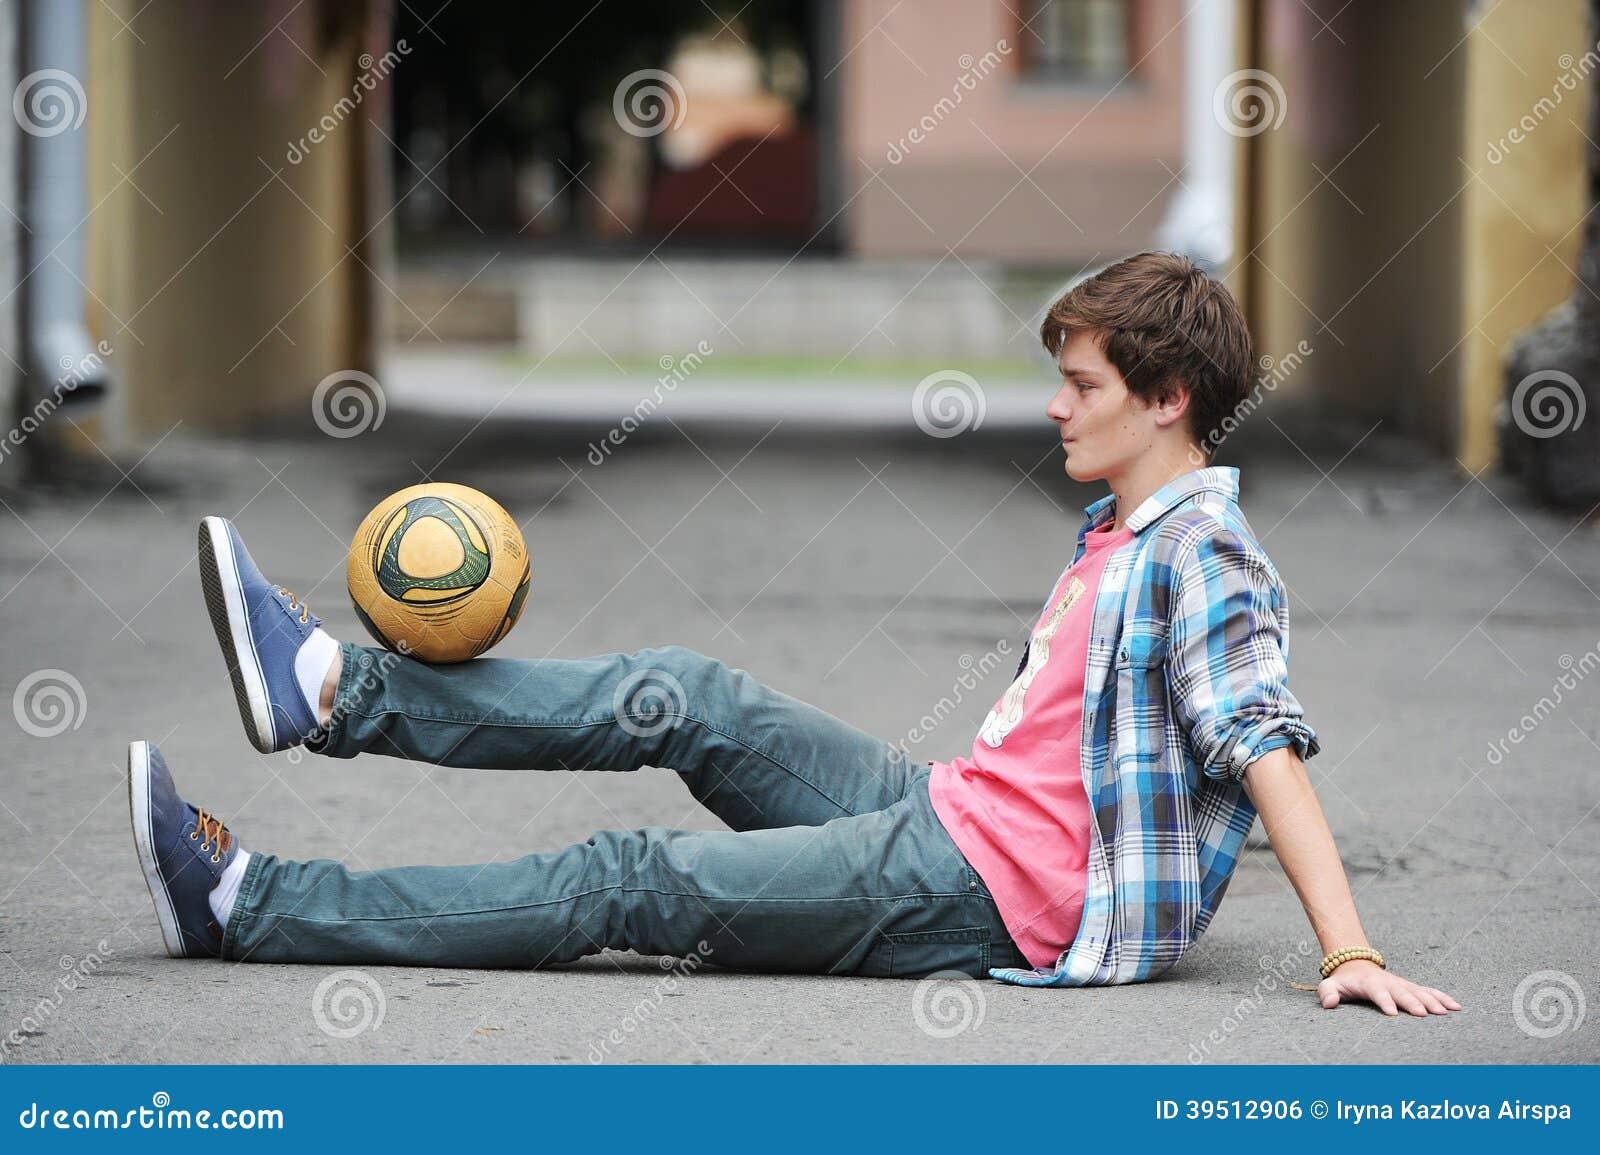 Fußballfreistil